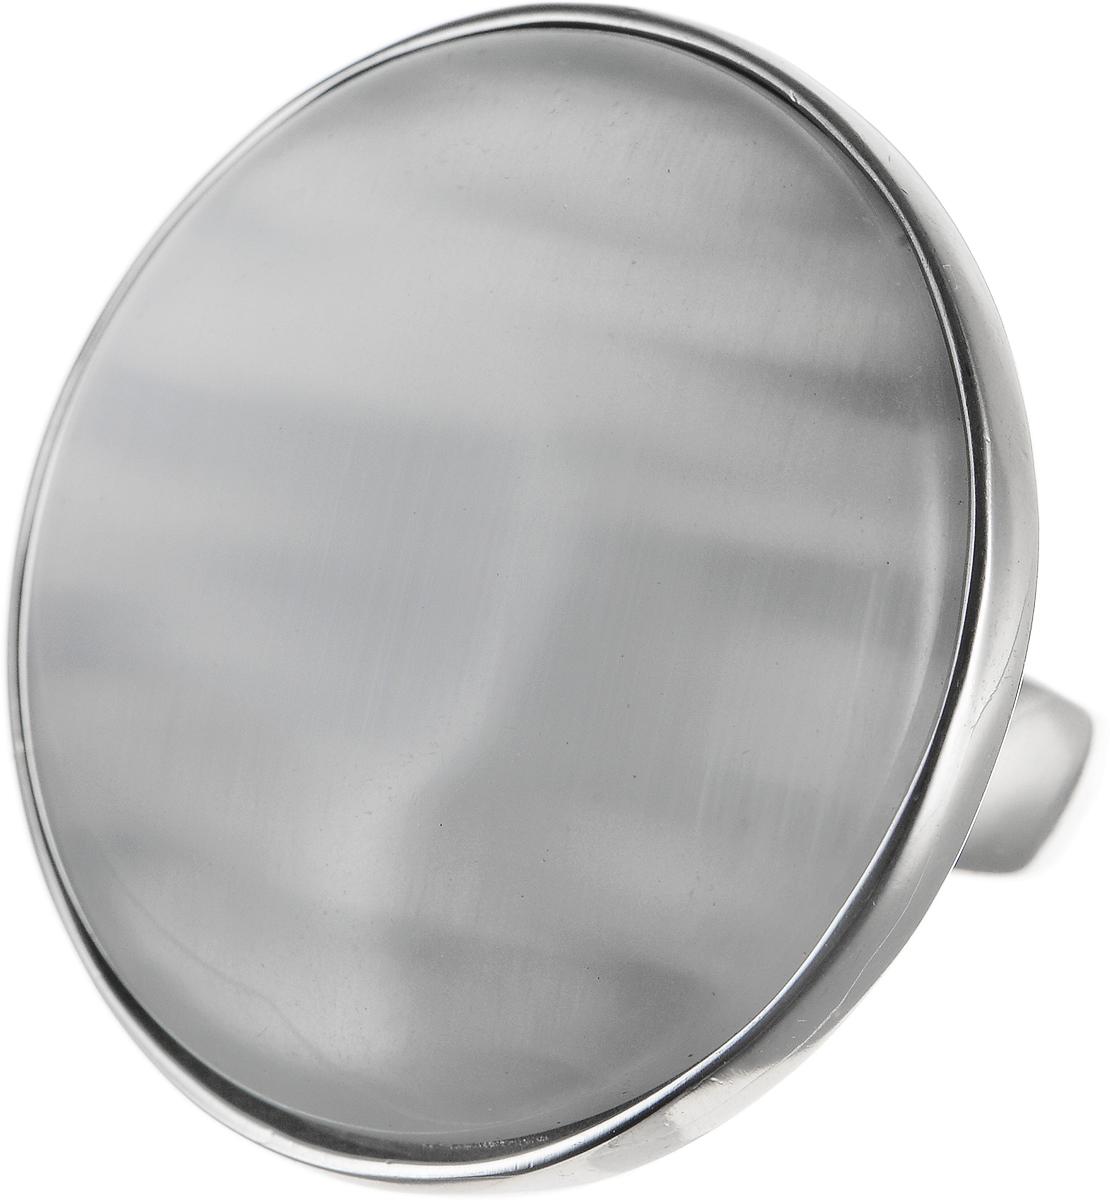 Кольцо Polina Selezneva, цвет: серебристый, перламутровый. DG-0003. Размер 18Коктейльное кольцоОригинальное кольцо Polina Selezneva выполнено из бижутерийного сплава. Изделие круглой формы, дополнено искусственным камнем. Такое кольцо это блестящее завершение вашего неповторимого, смелого образа и отличный подарок для ценительницы необычных украшений!